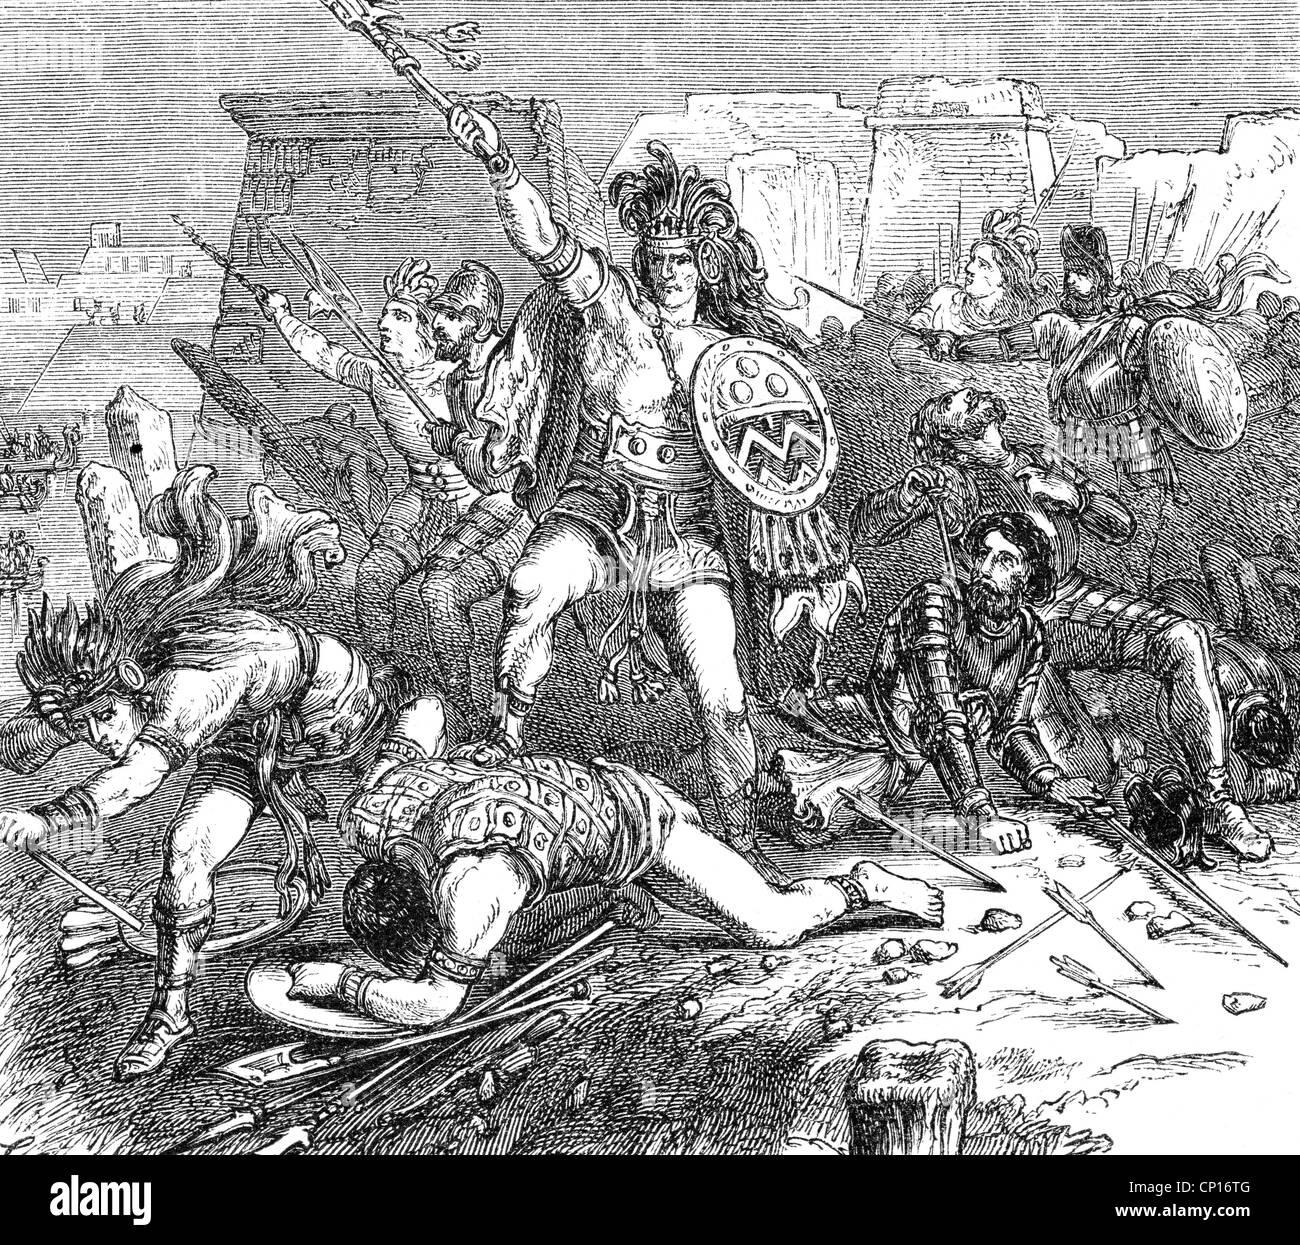 Geographie/Reisen, Mexiko, Menschen, aztekischen Krieger in der Schlacht, Holzstich, 19. Jahrhundert, Mittelamerika, Stockbild